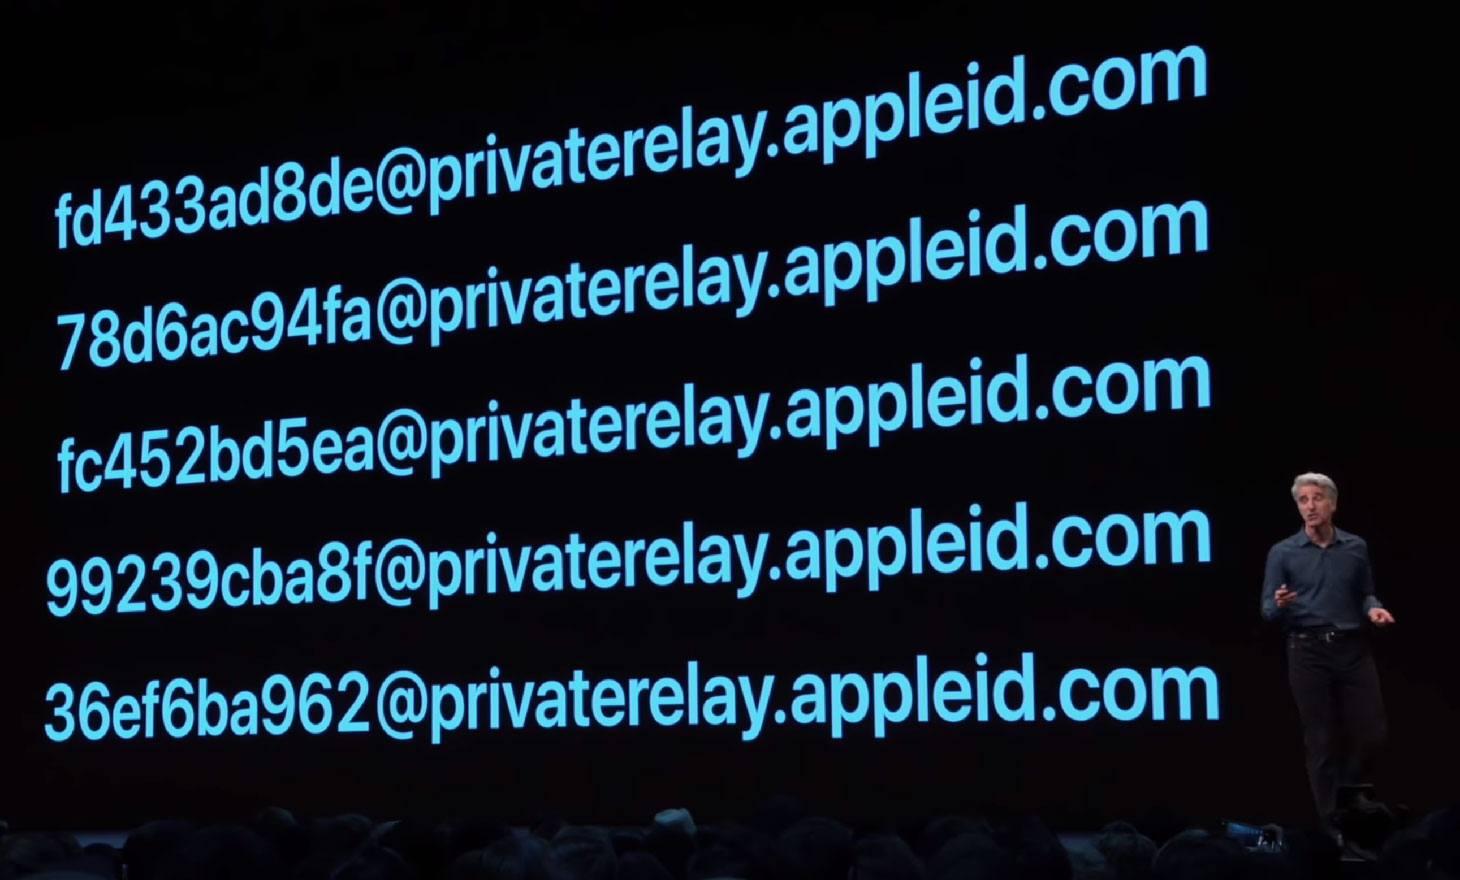 Ejemplos de direcciones de correo electrónico que Sign In with Apple generó aleatoriamente.